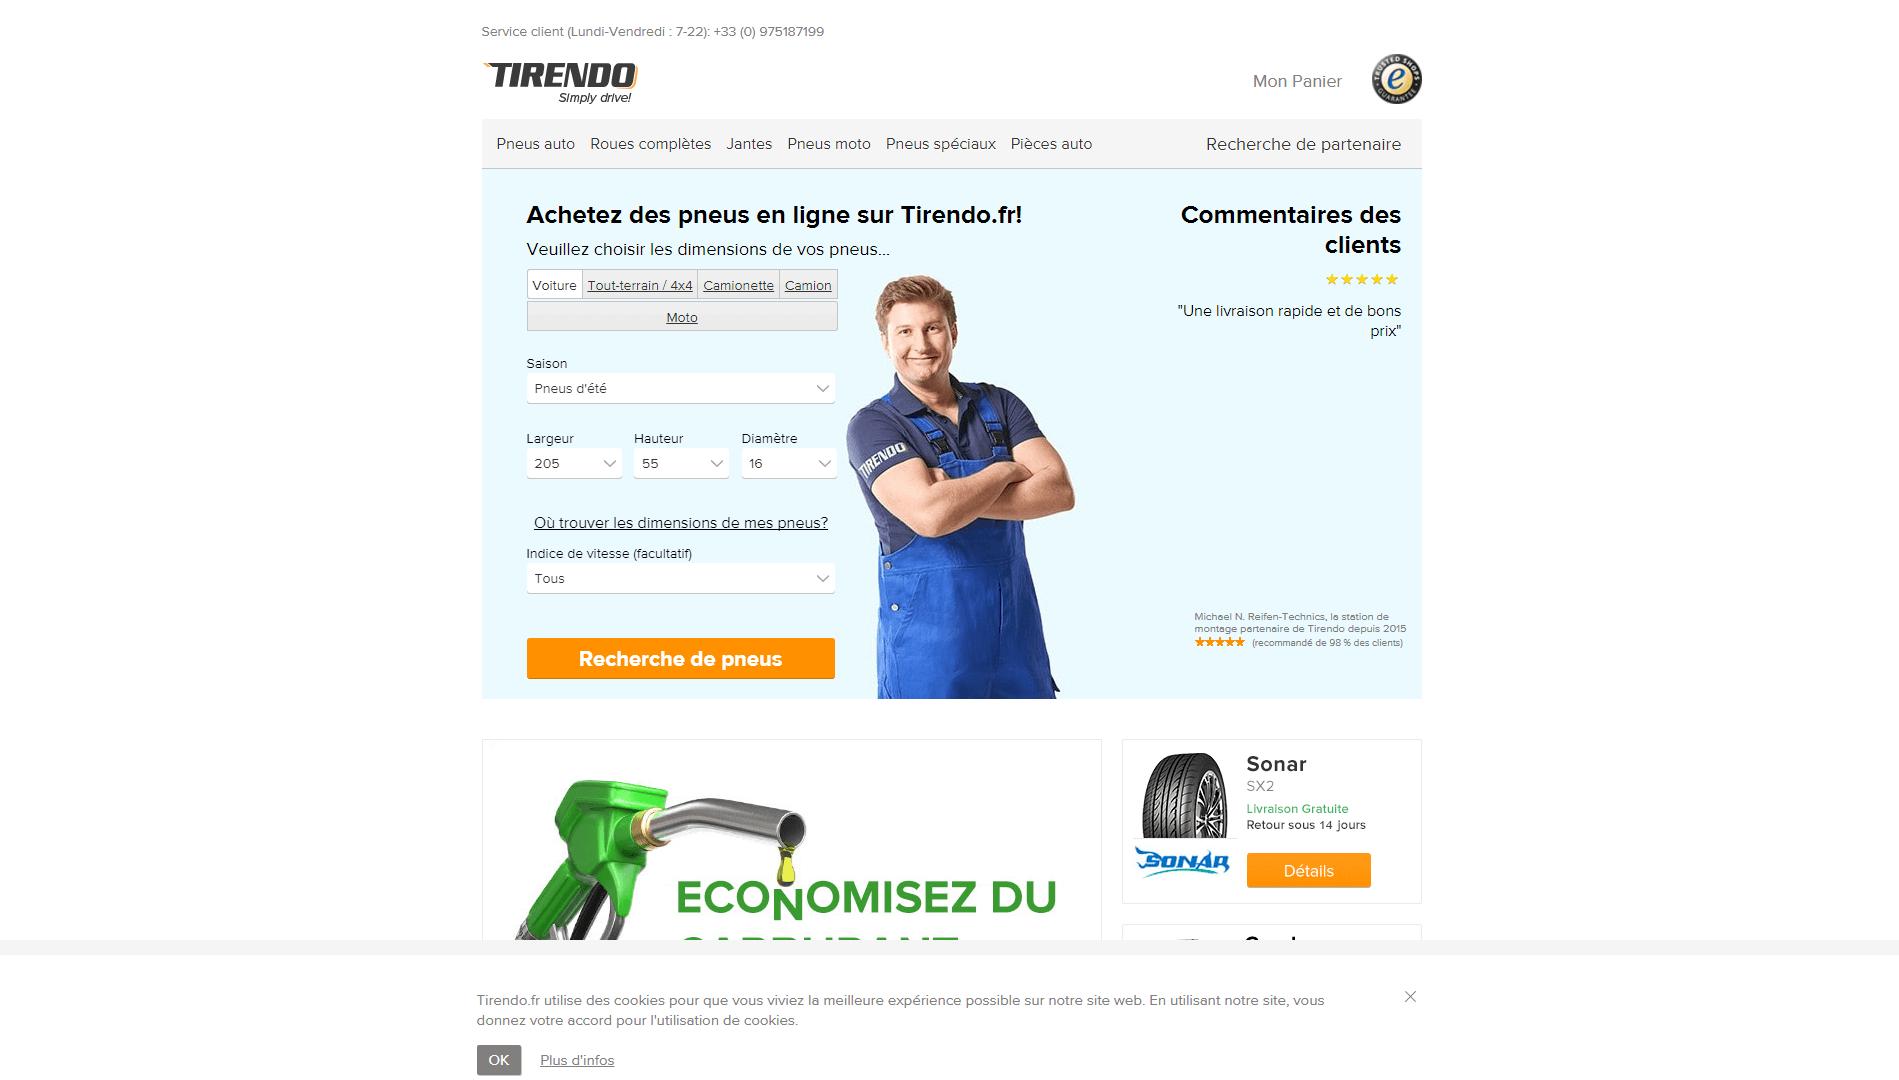 Page d'accueil du site Tirendo.